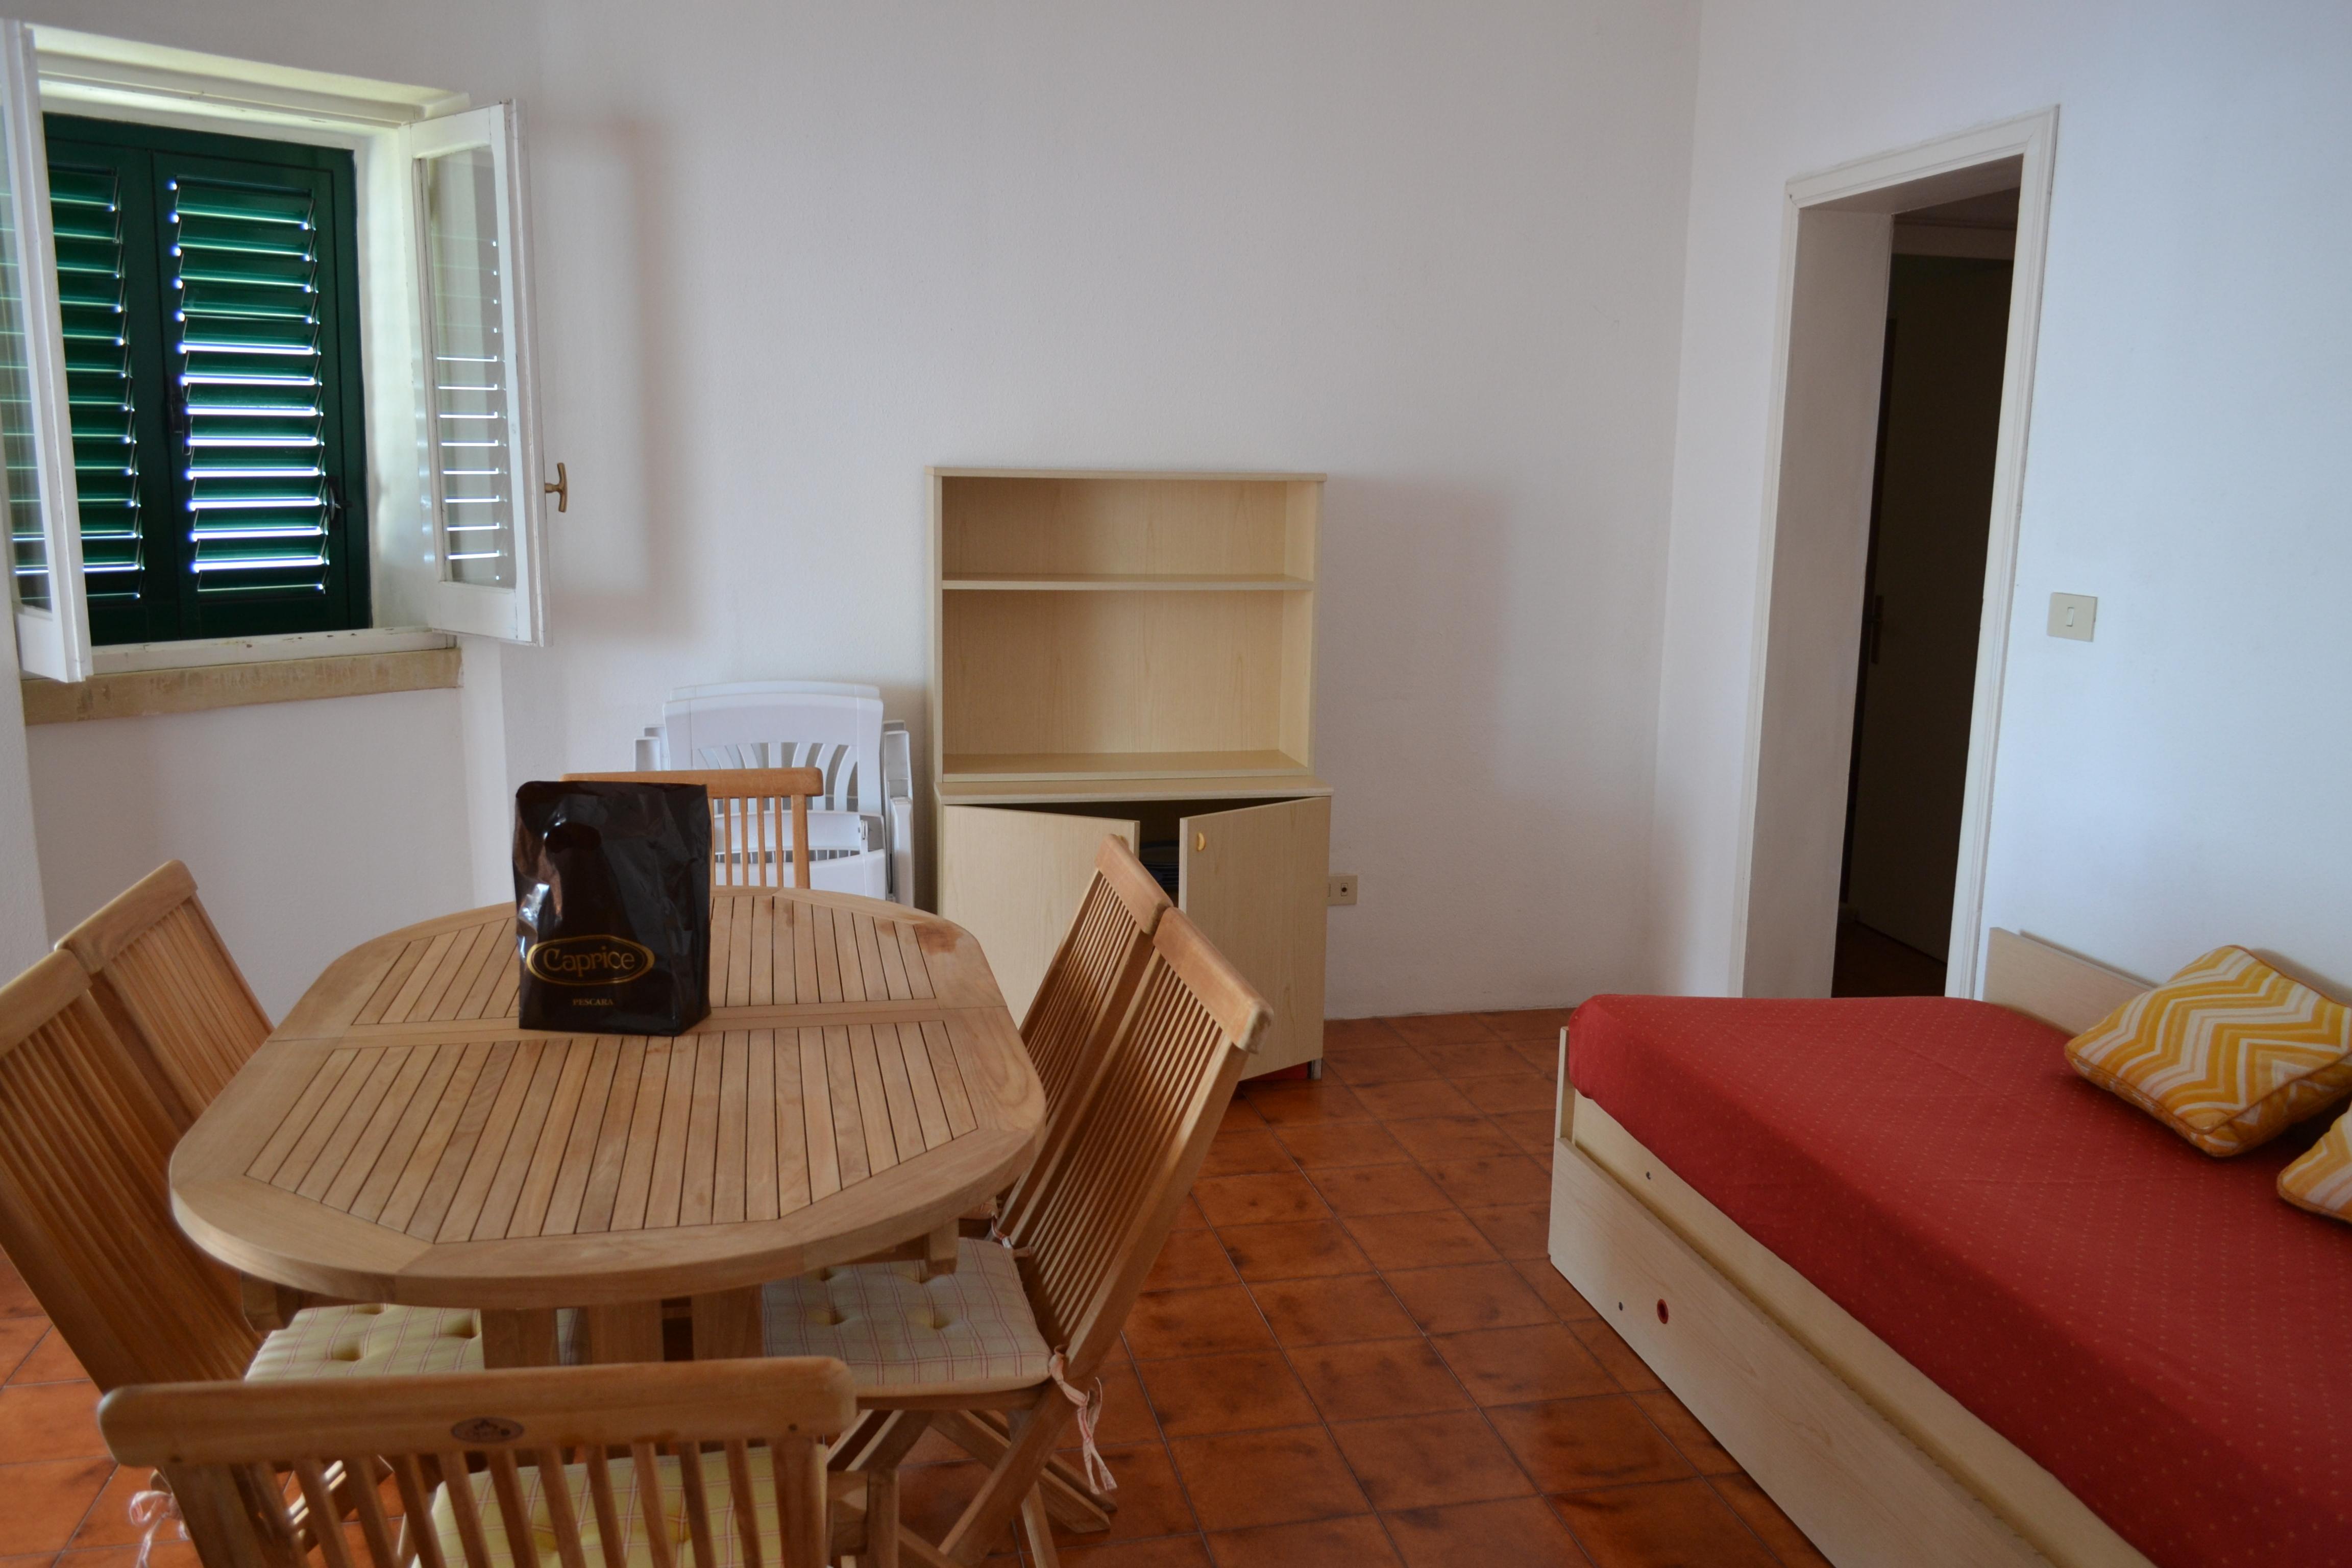 Appartamenti a Santa Maria di Leuca - Appartamenti vacanze nel Salento